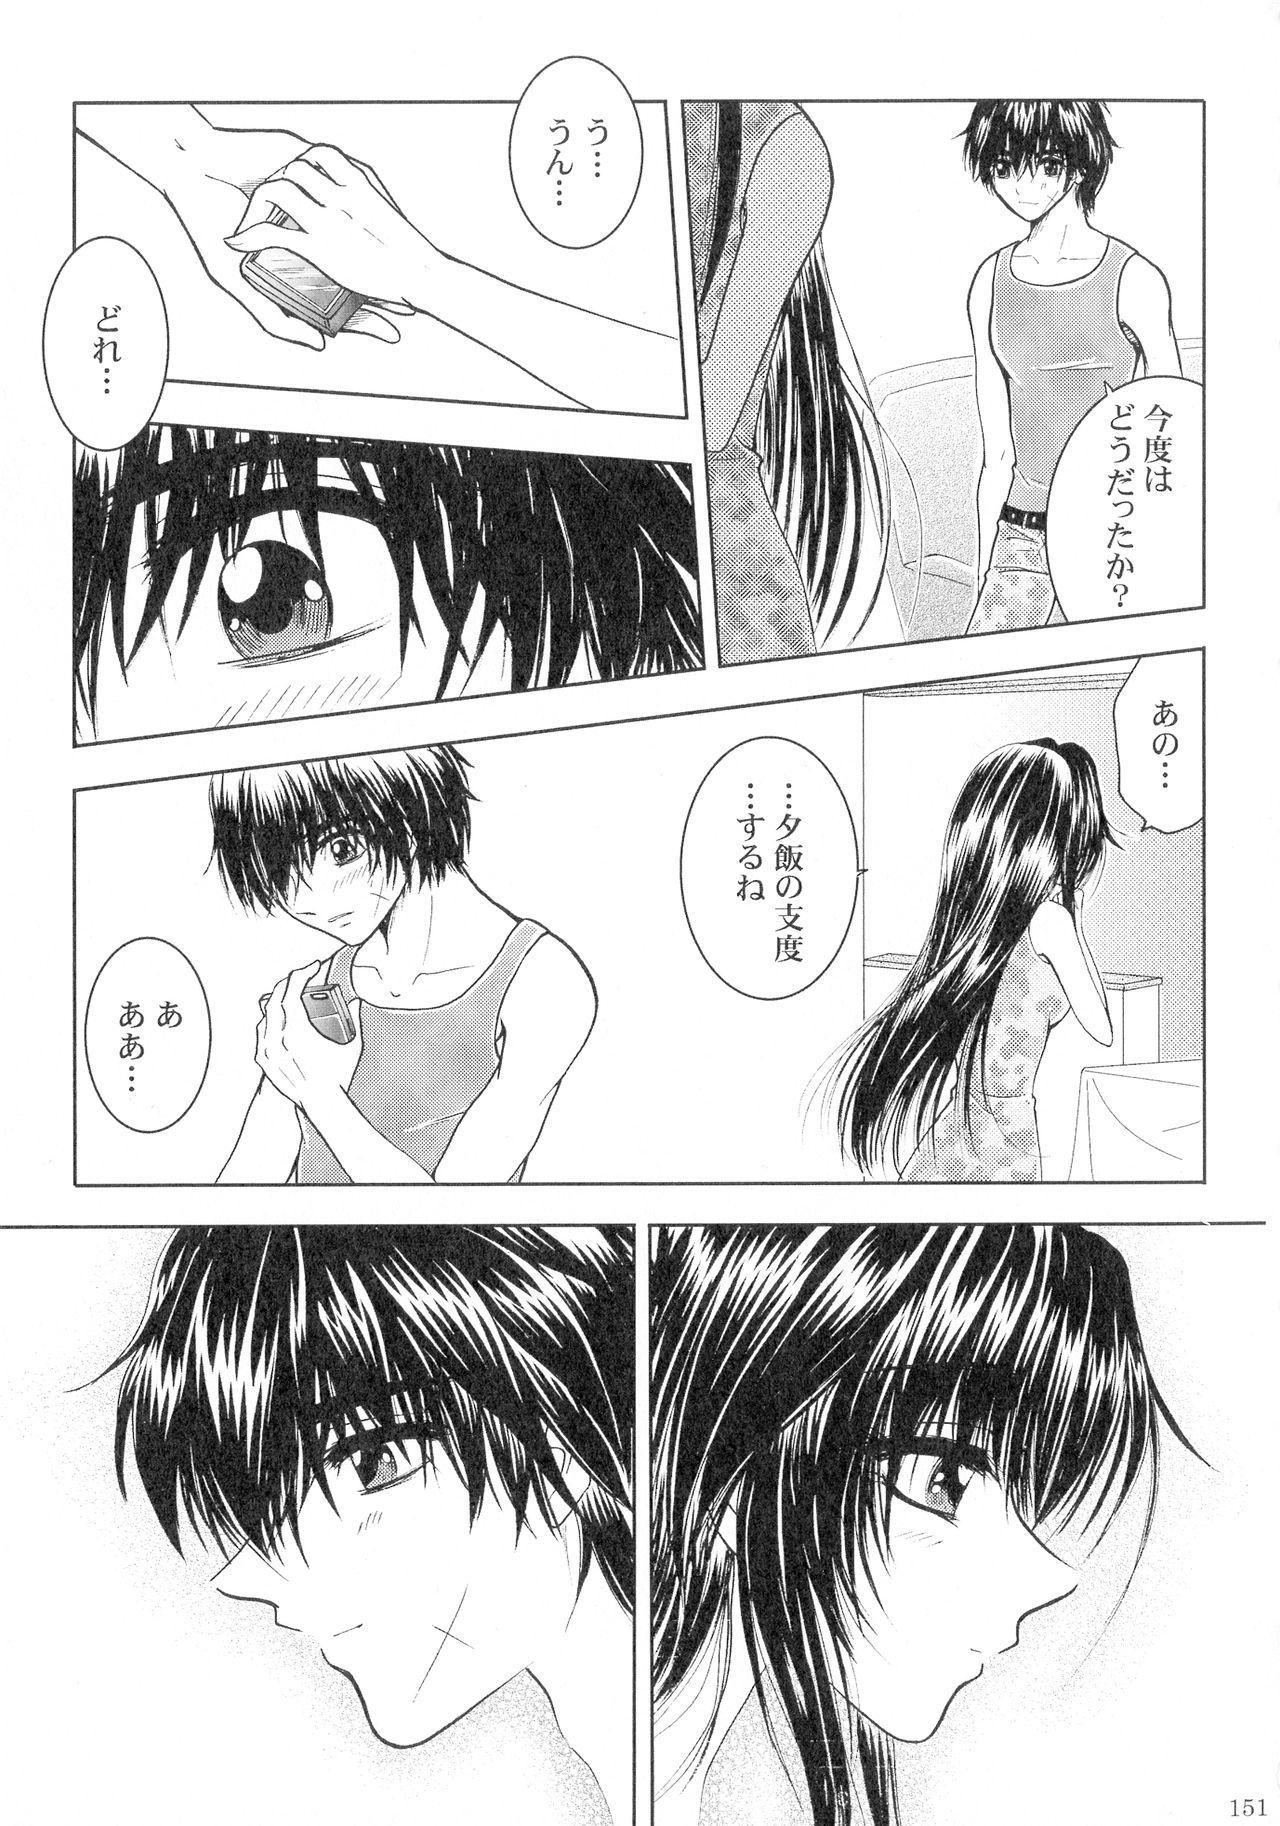 SEXY PANIC Sairoku-shuu VOL.3 149